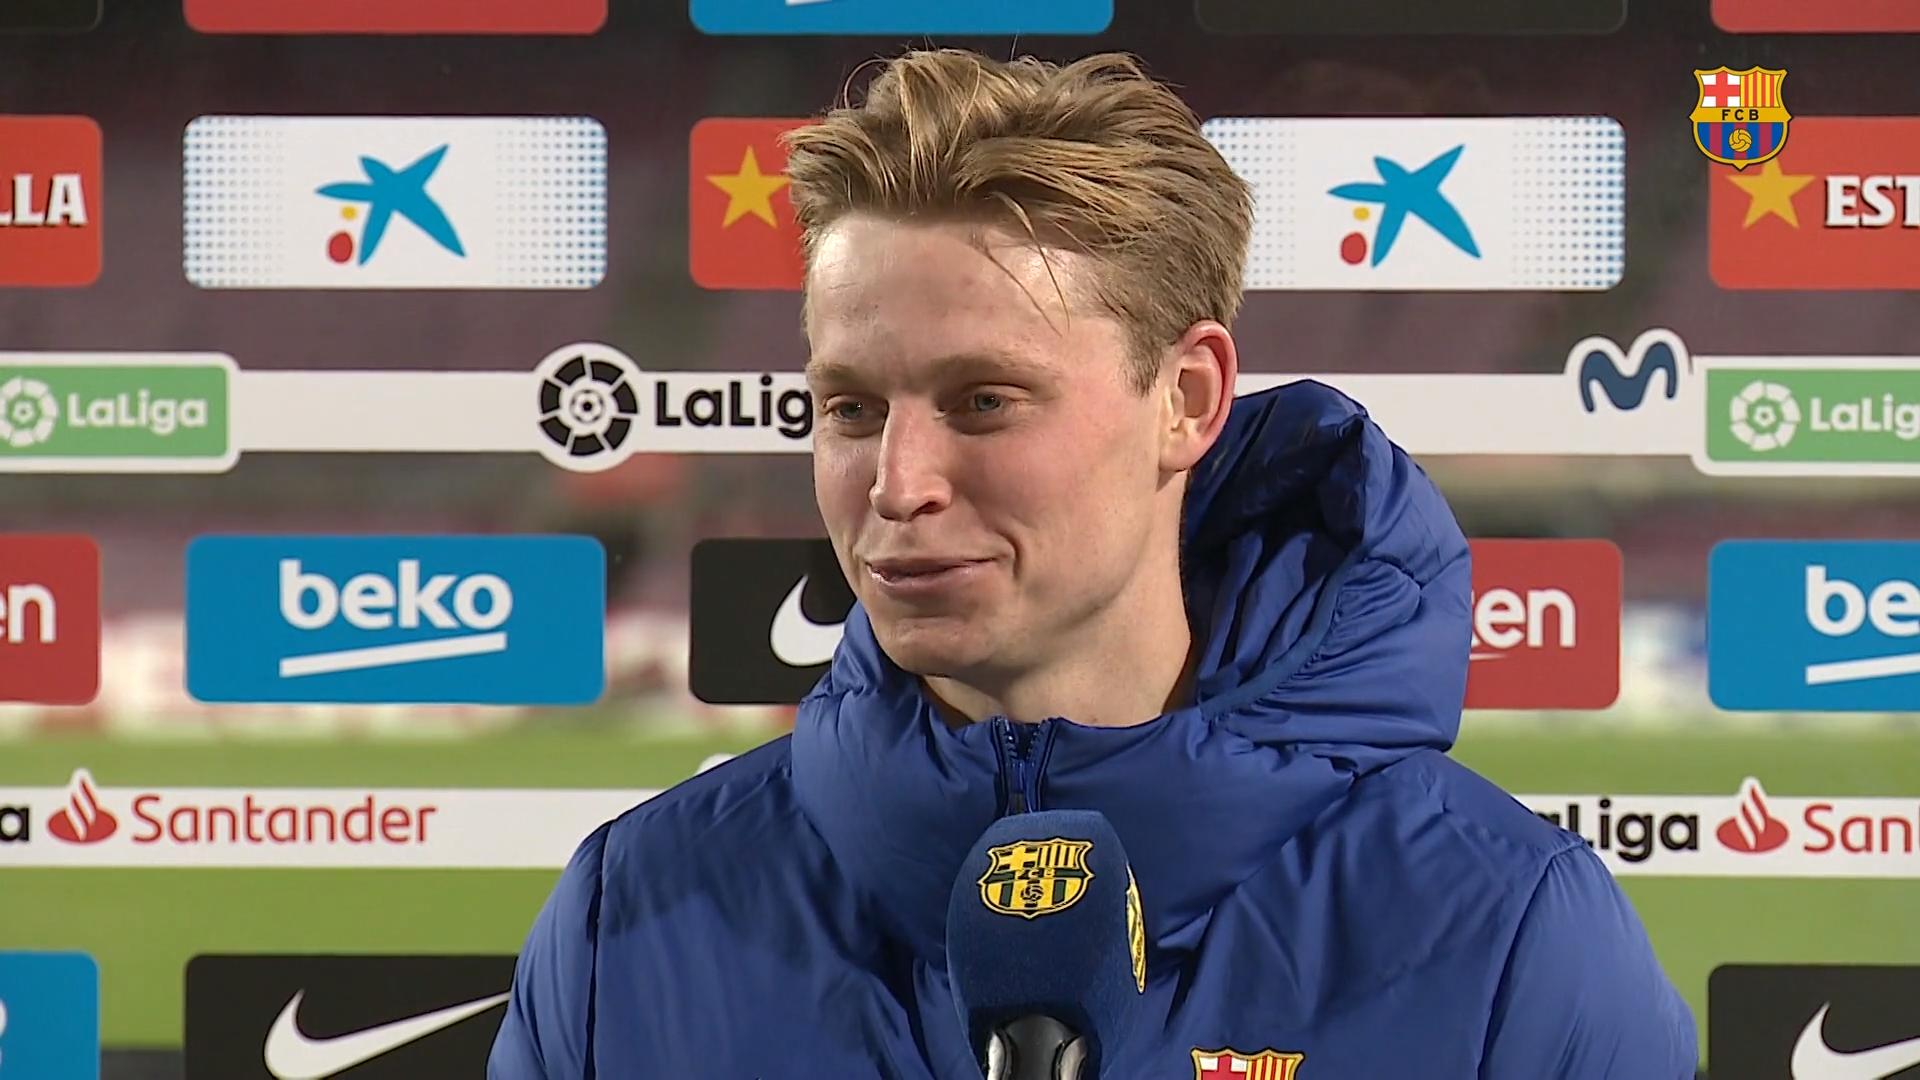 德容:作为万金油我还是喜欢踢中场,背着黄牌比赛很难受-XI全网